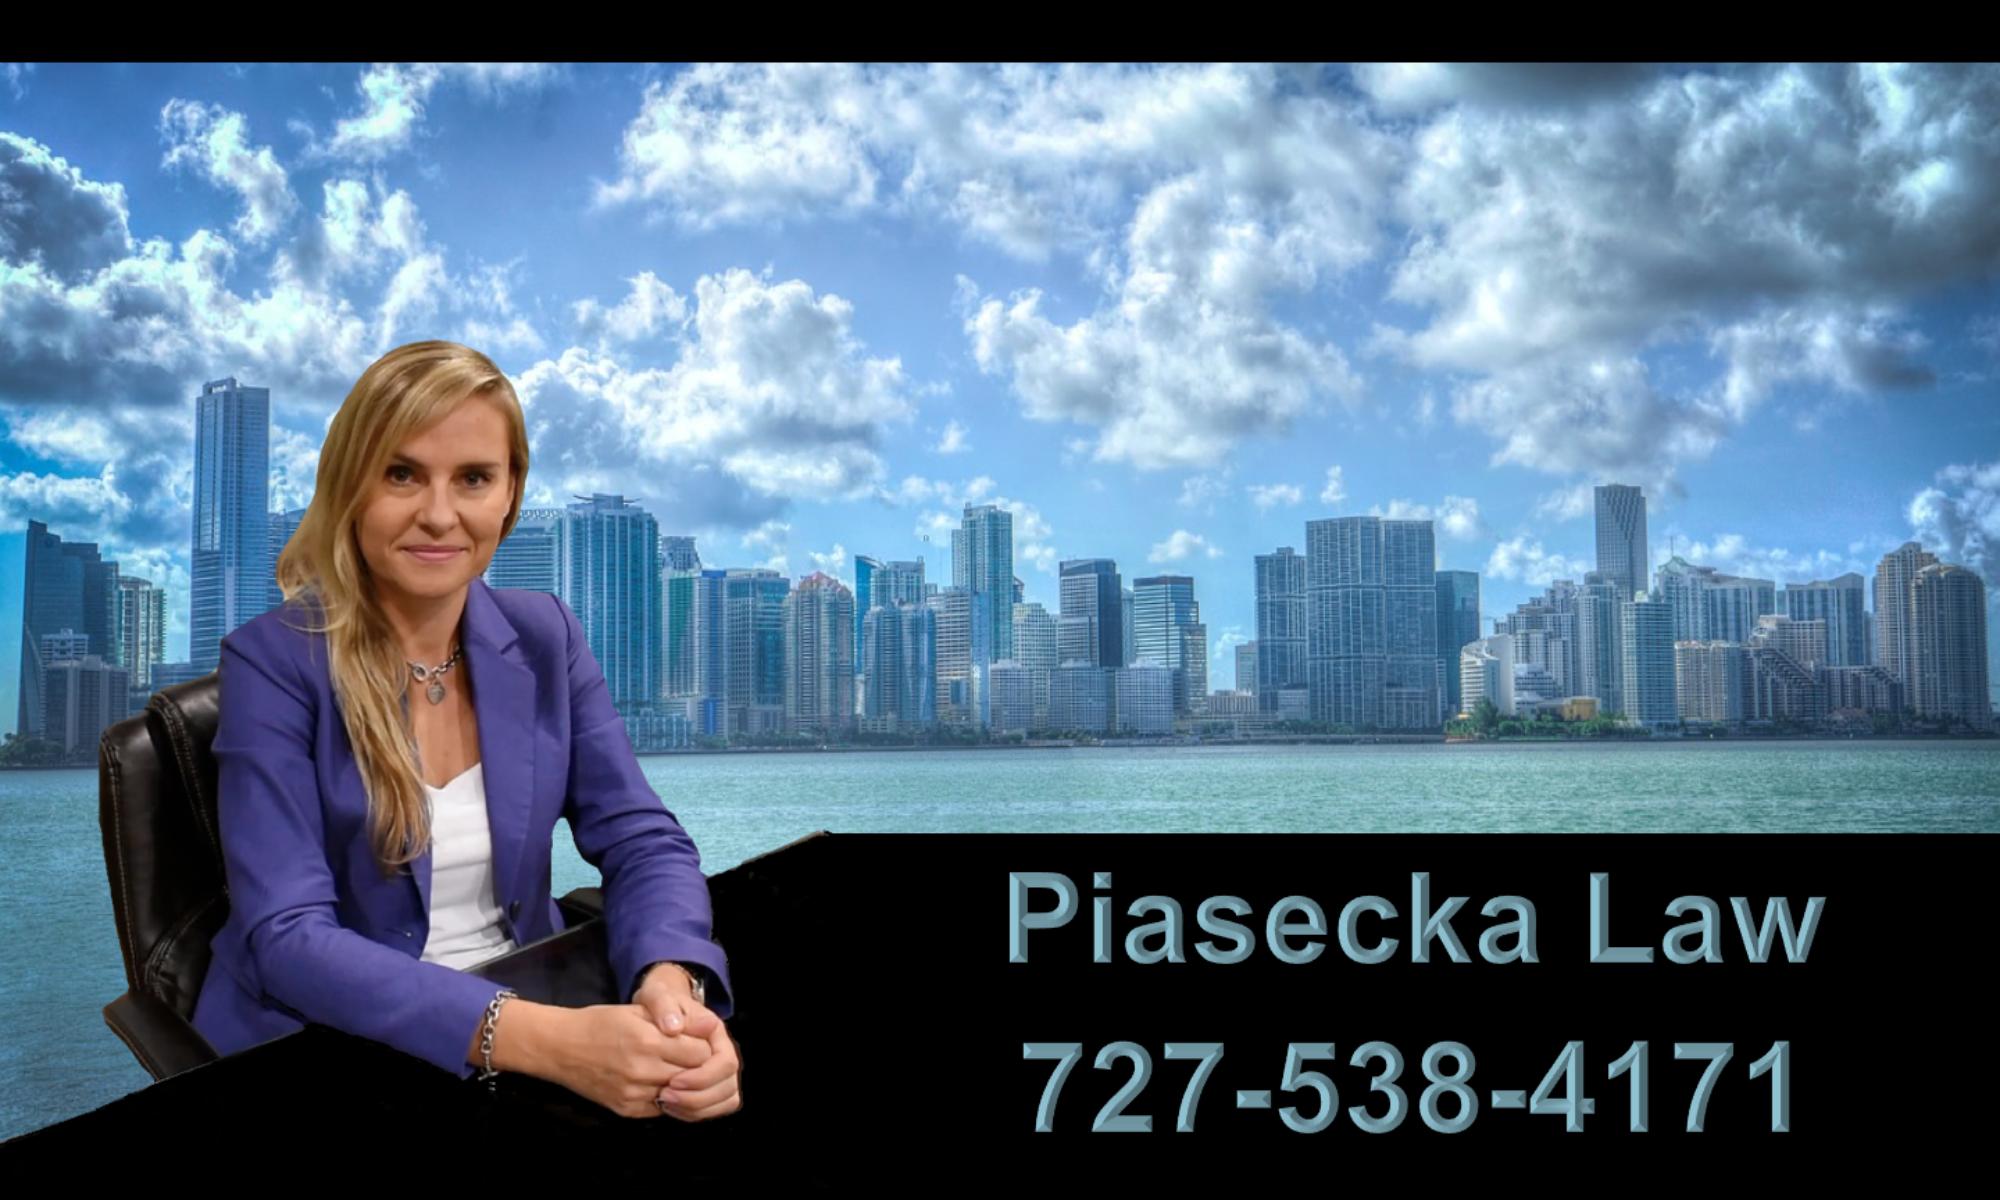 Piasecka Law 727-538-4171